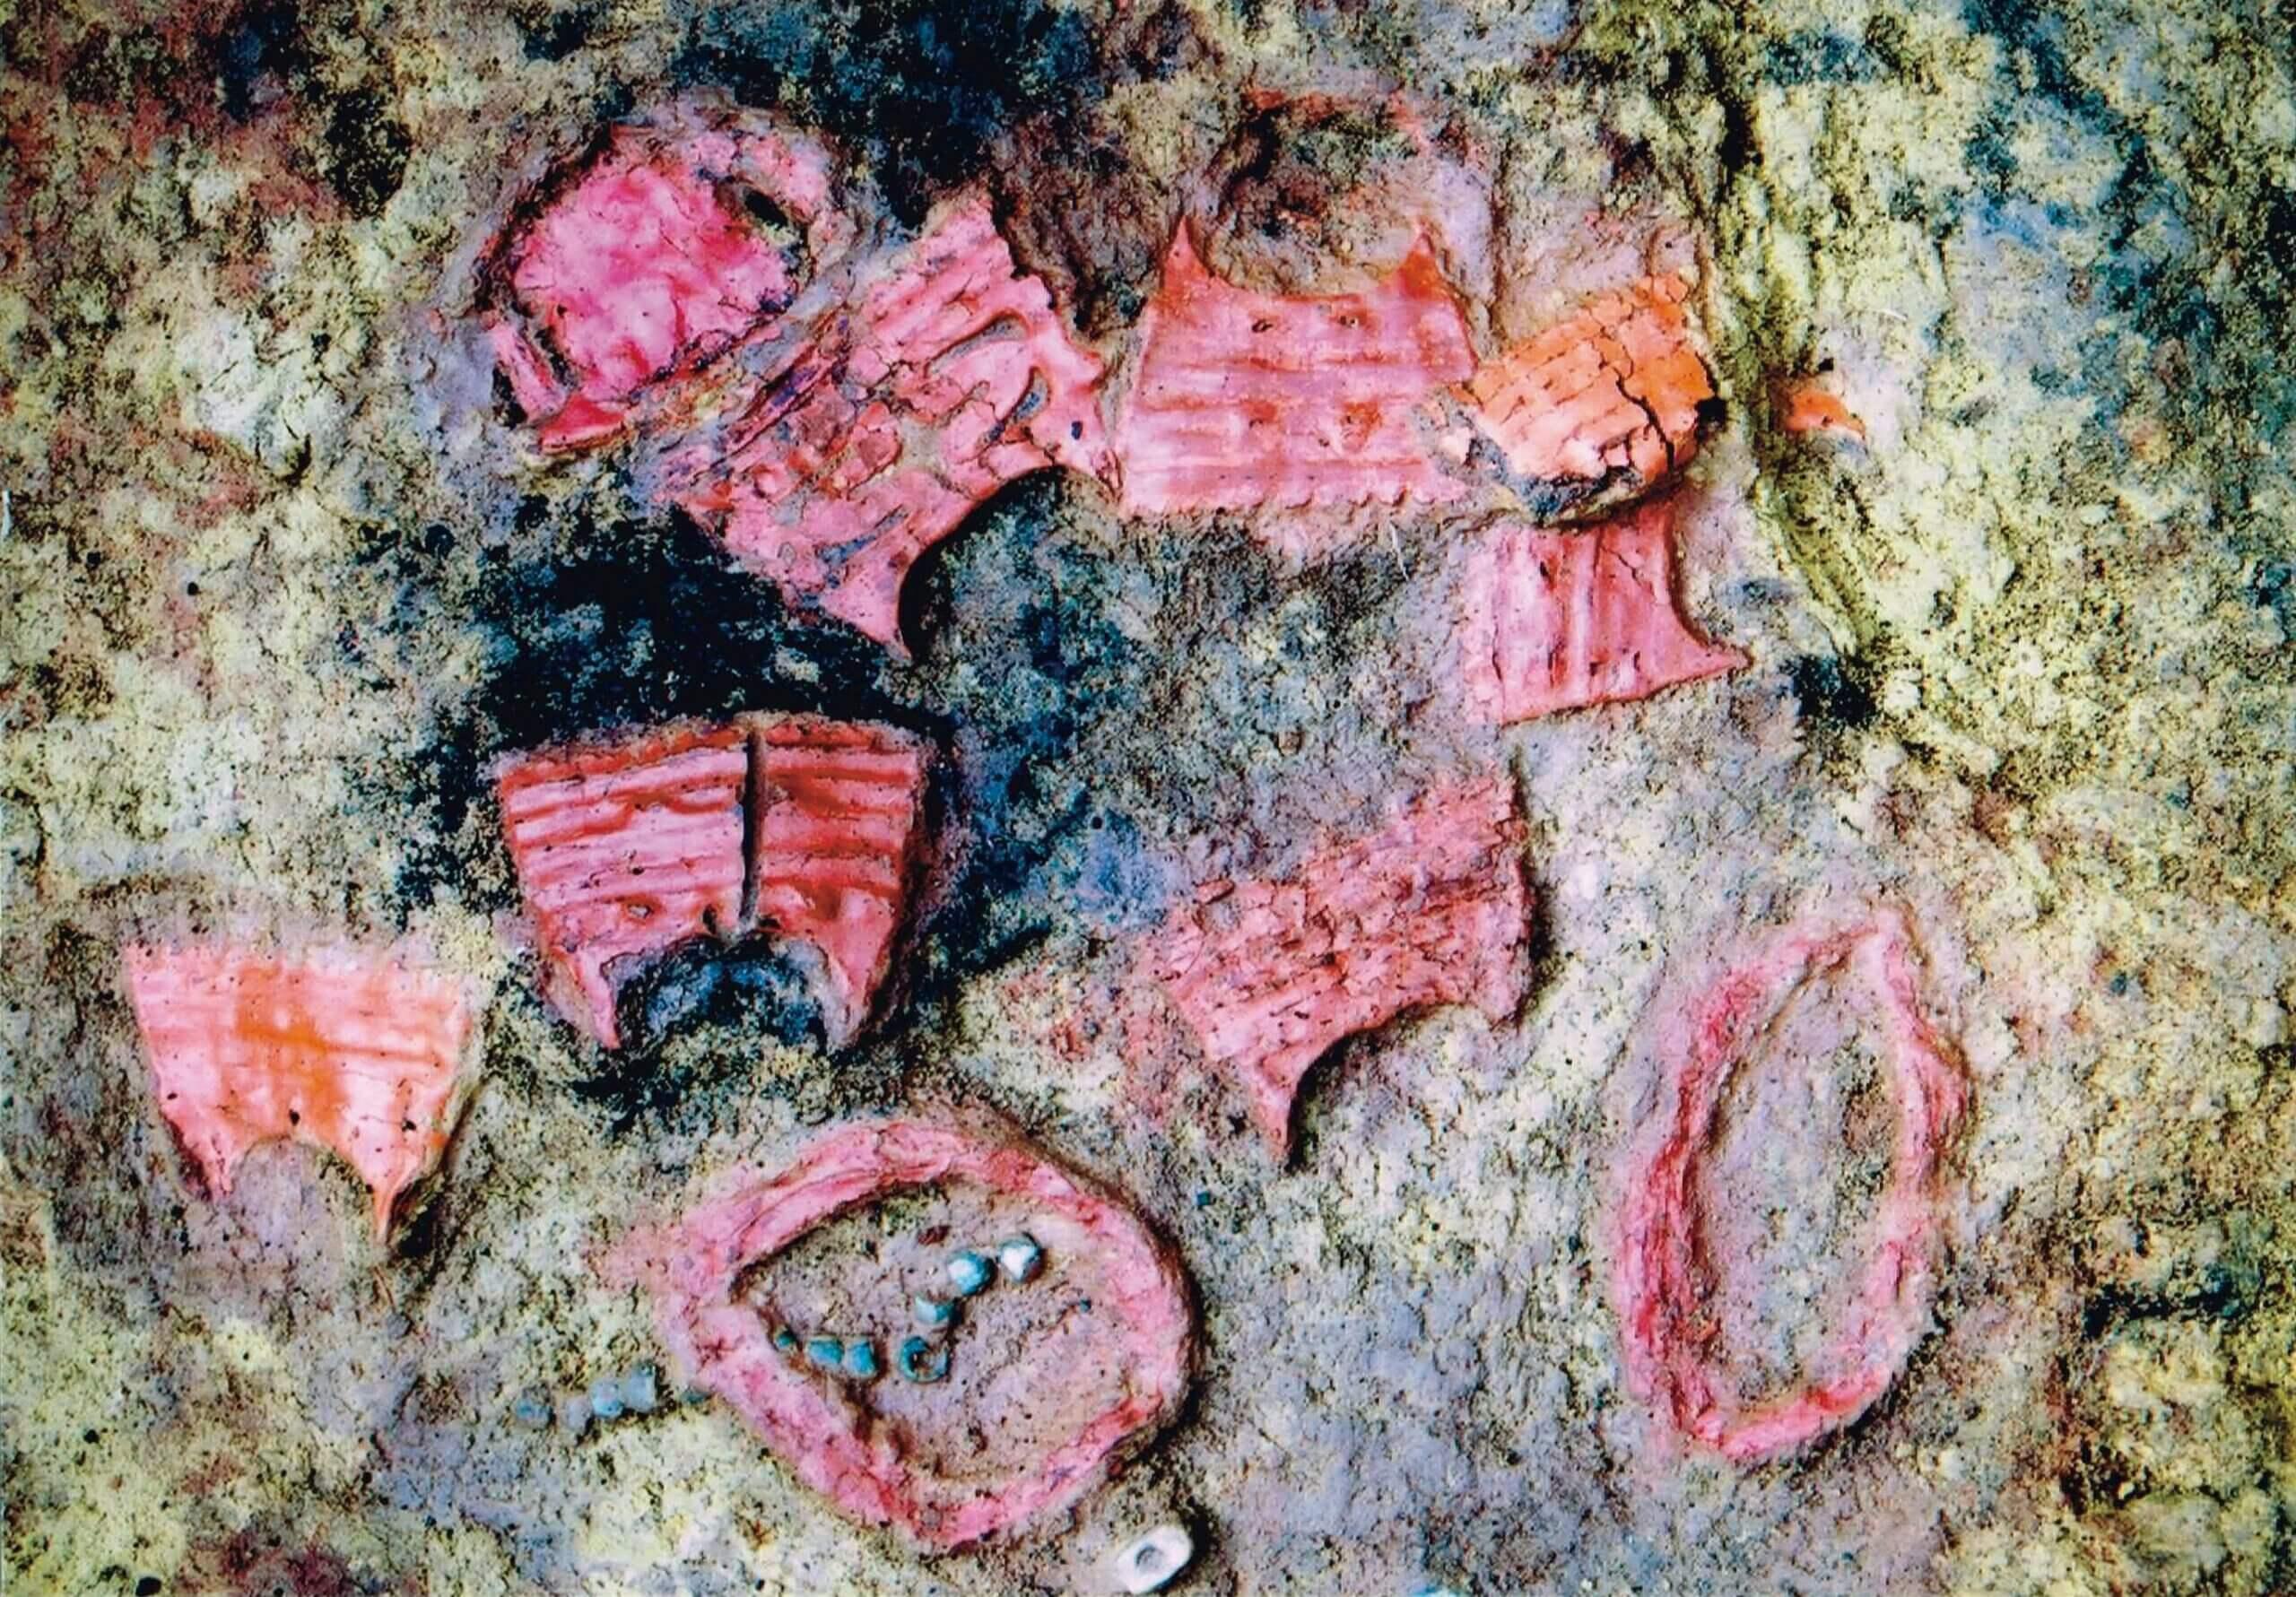 國家指定歷史遺跡 「Karinba遺跡」(惠庭鄉土資料館)